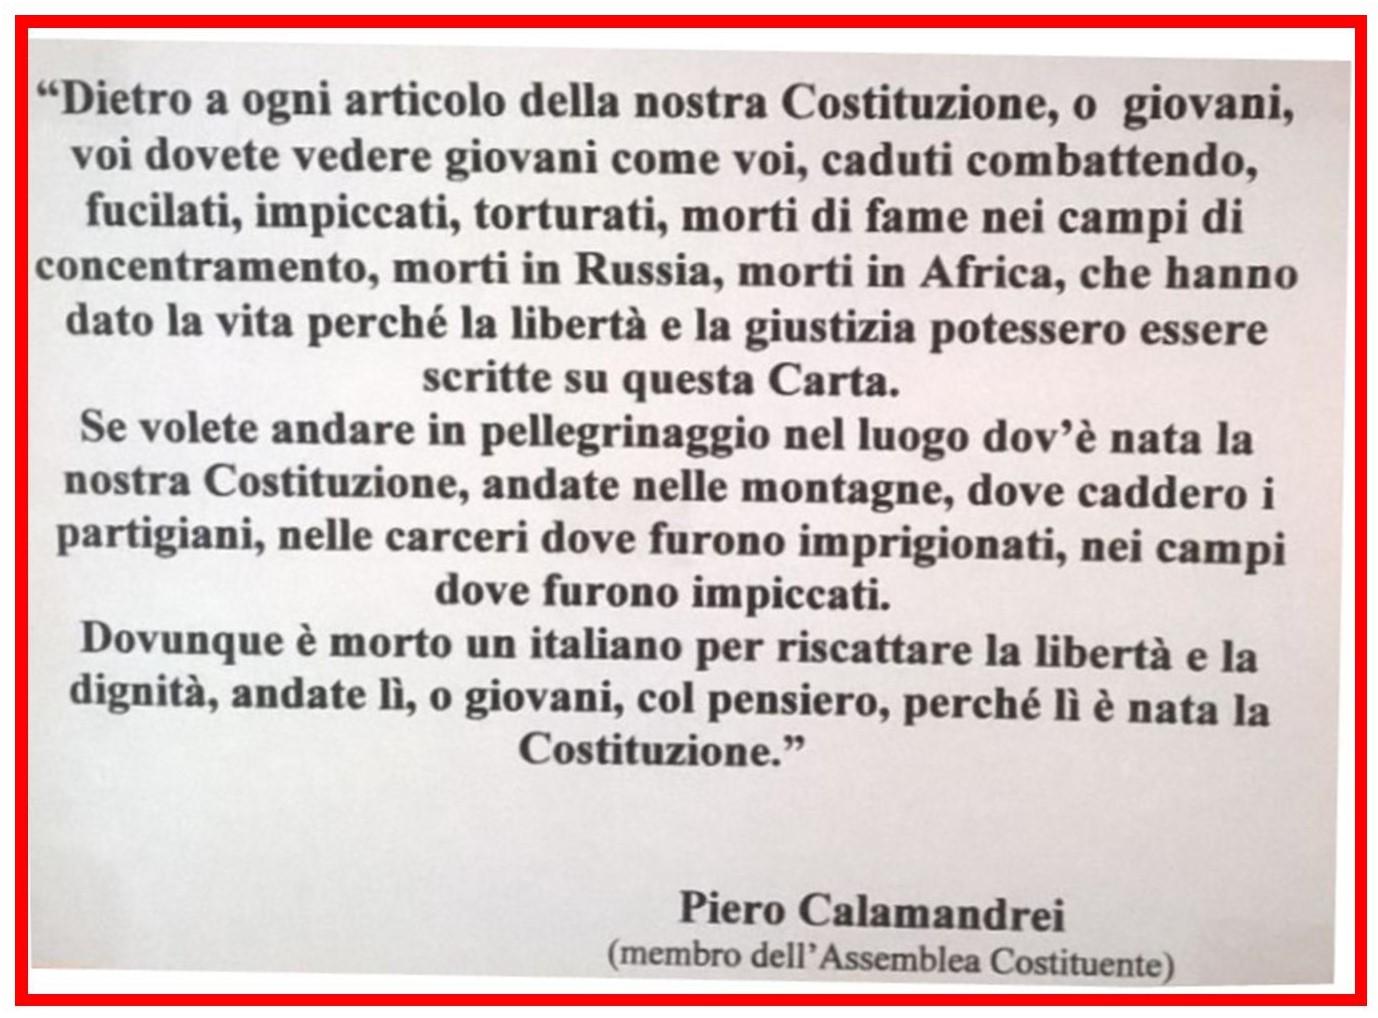 Frase di Pietro Calamandrei